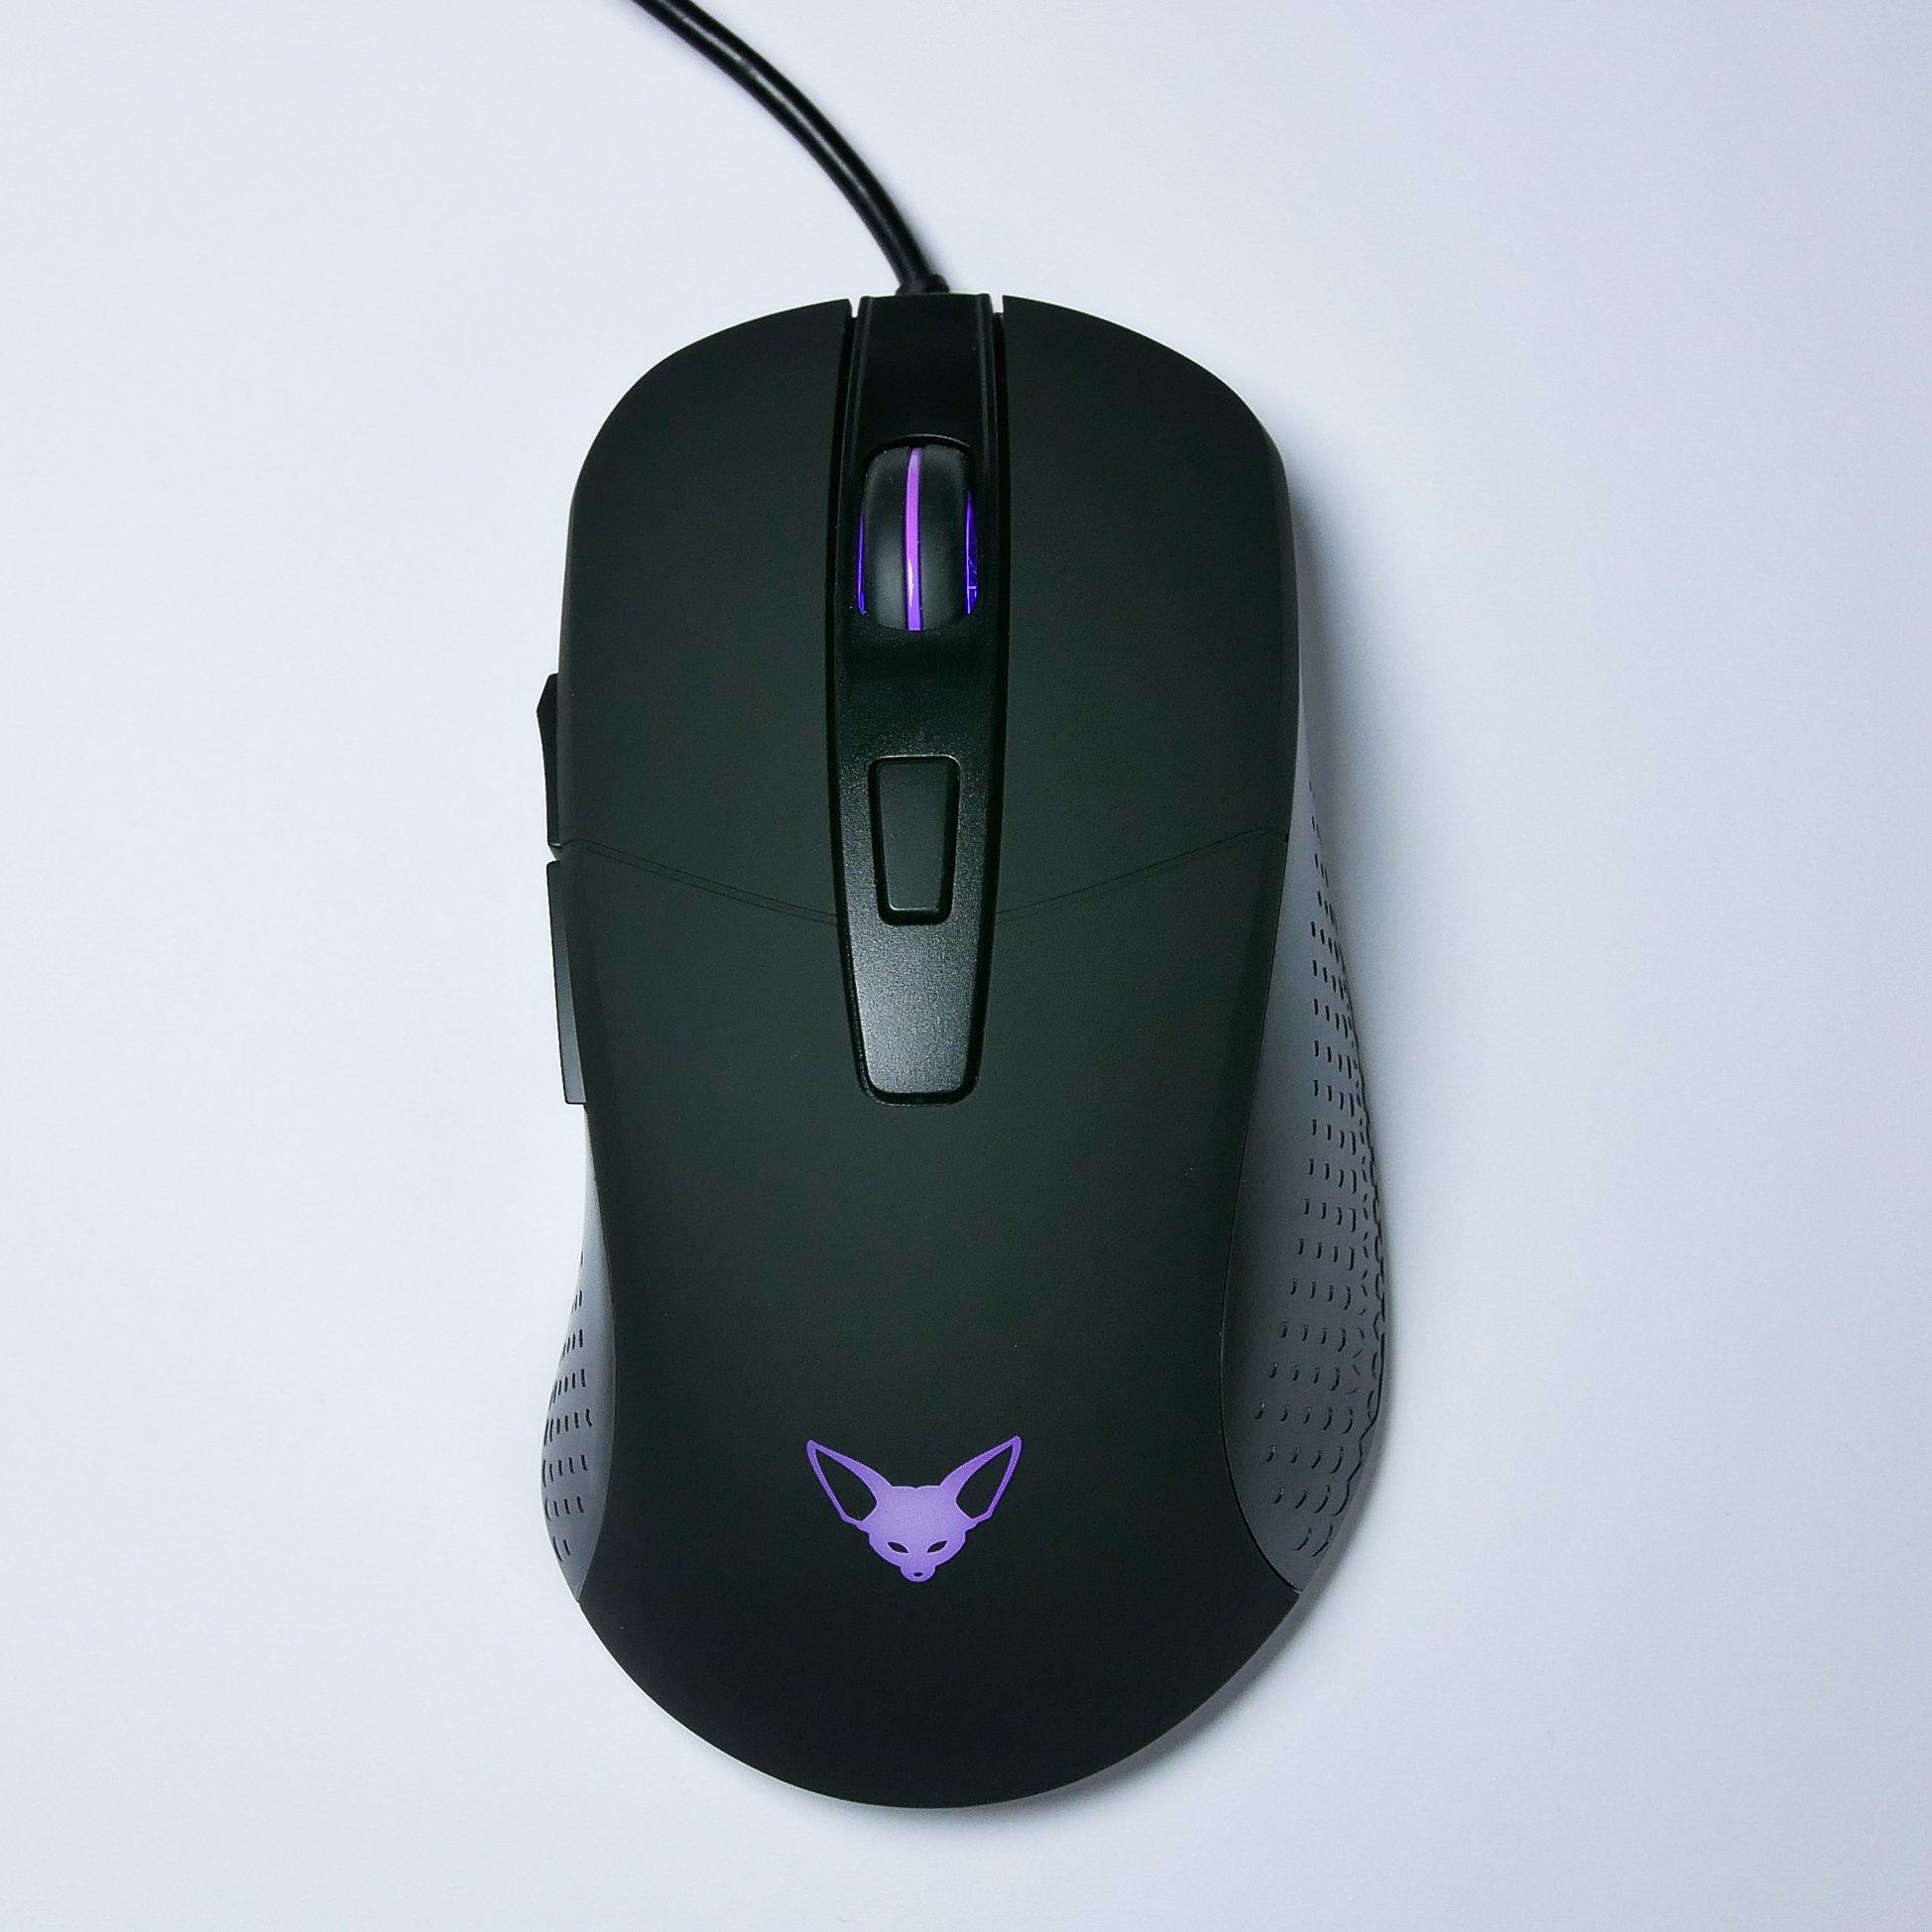 Mouse Gamer : Fenek Swift PMW 3360 Sensor